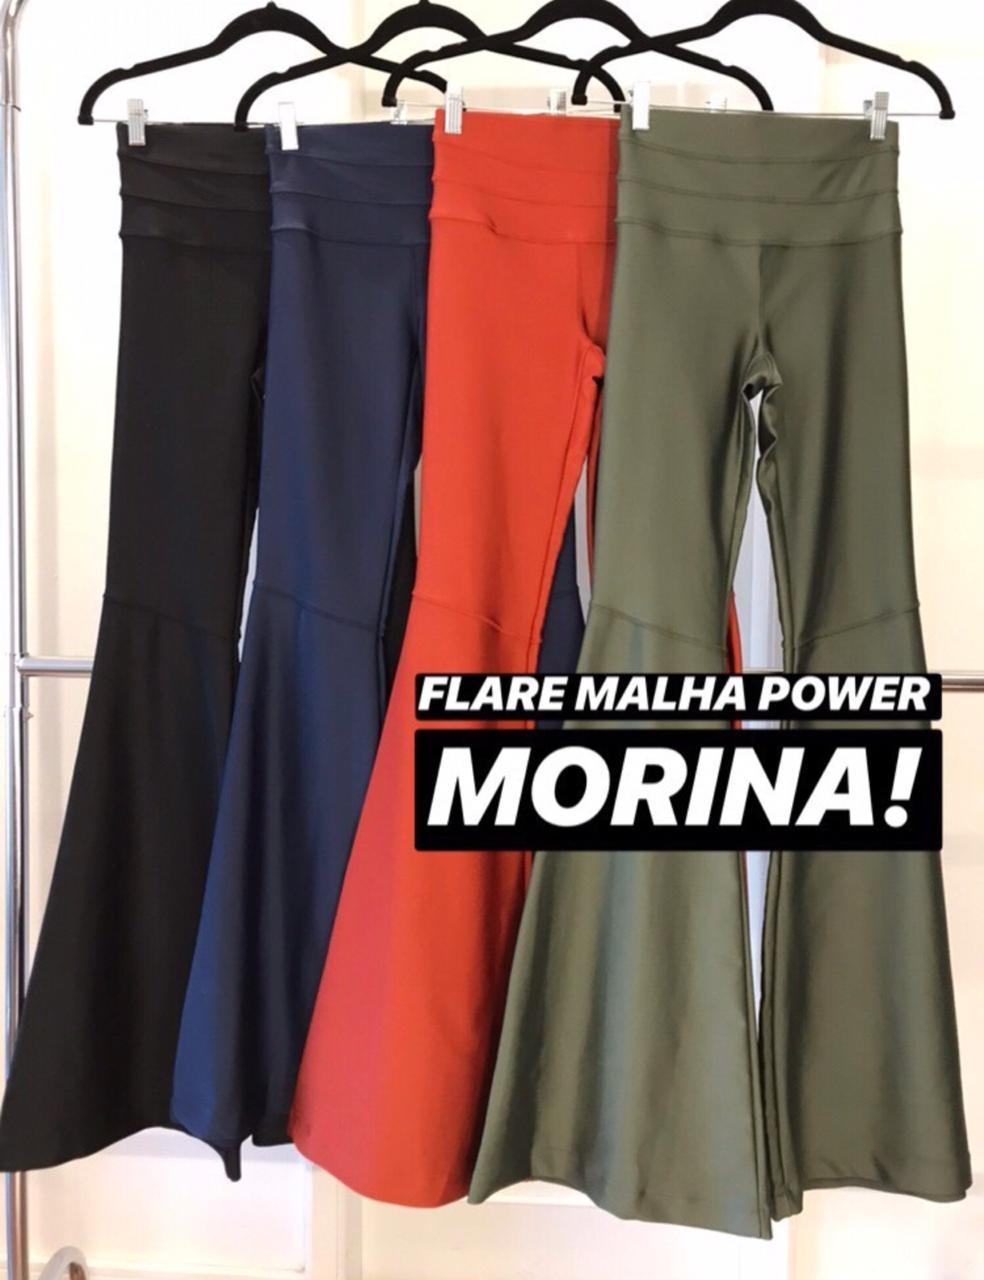 CALÇA Morina FLARE POWER Cores Preto, Marinho, Terra Cota